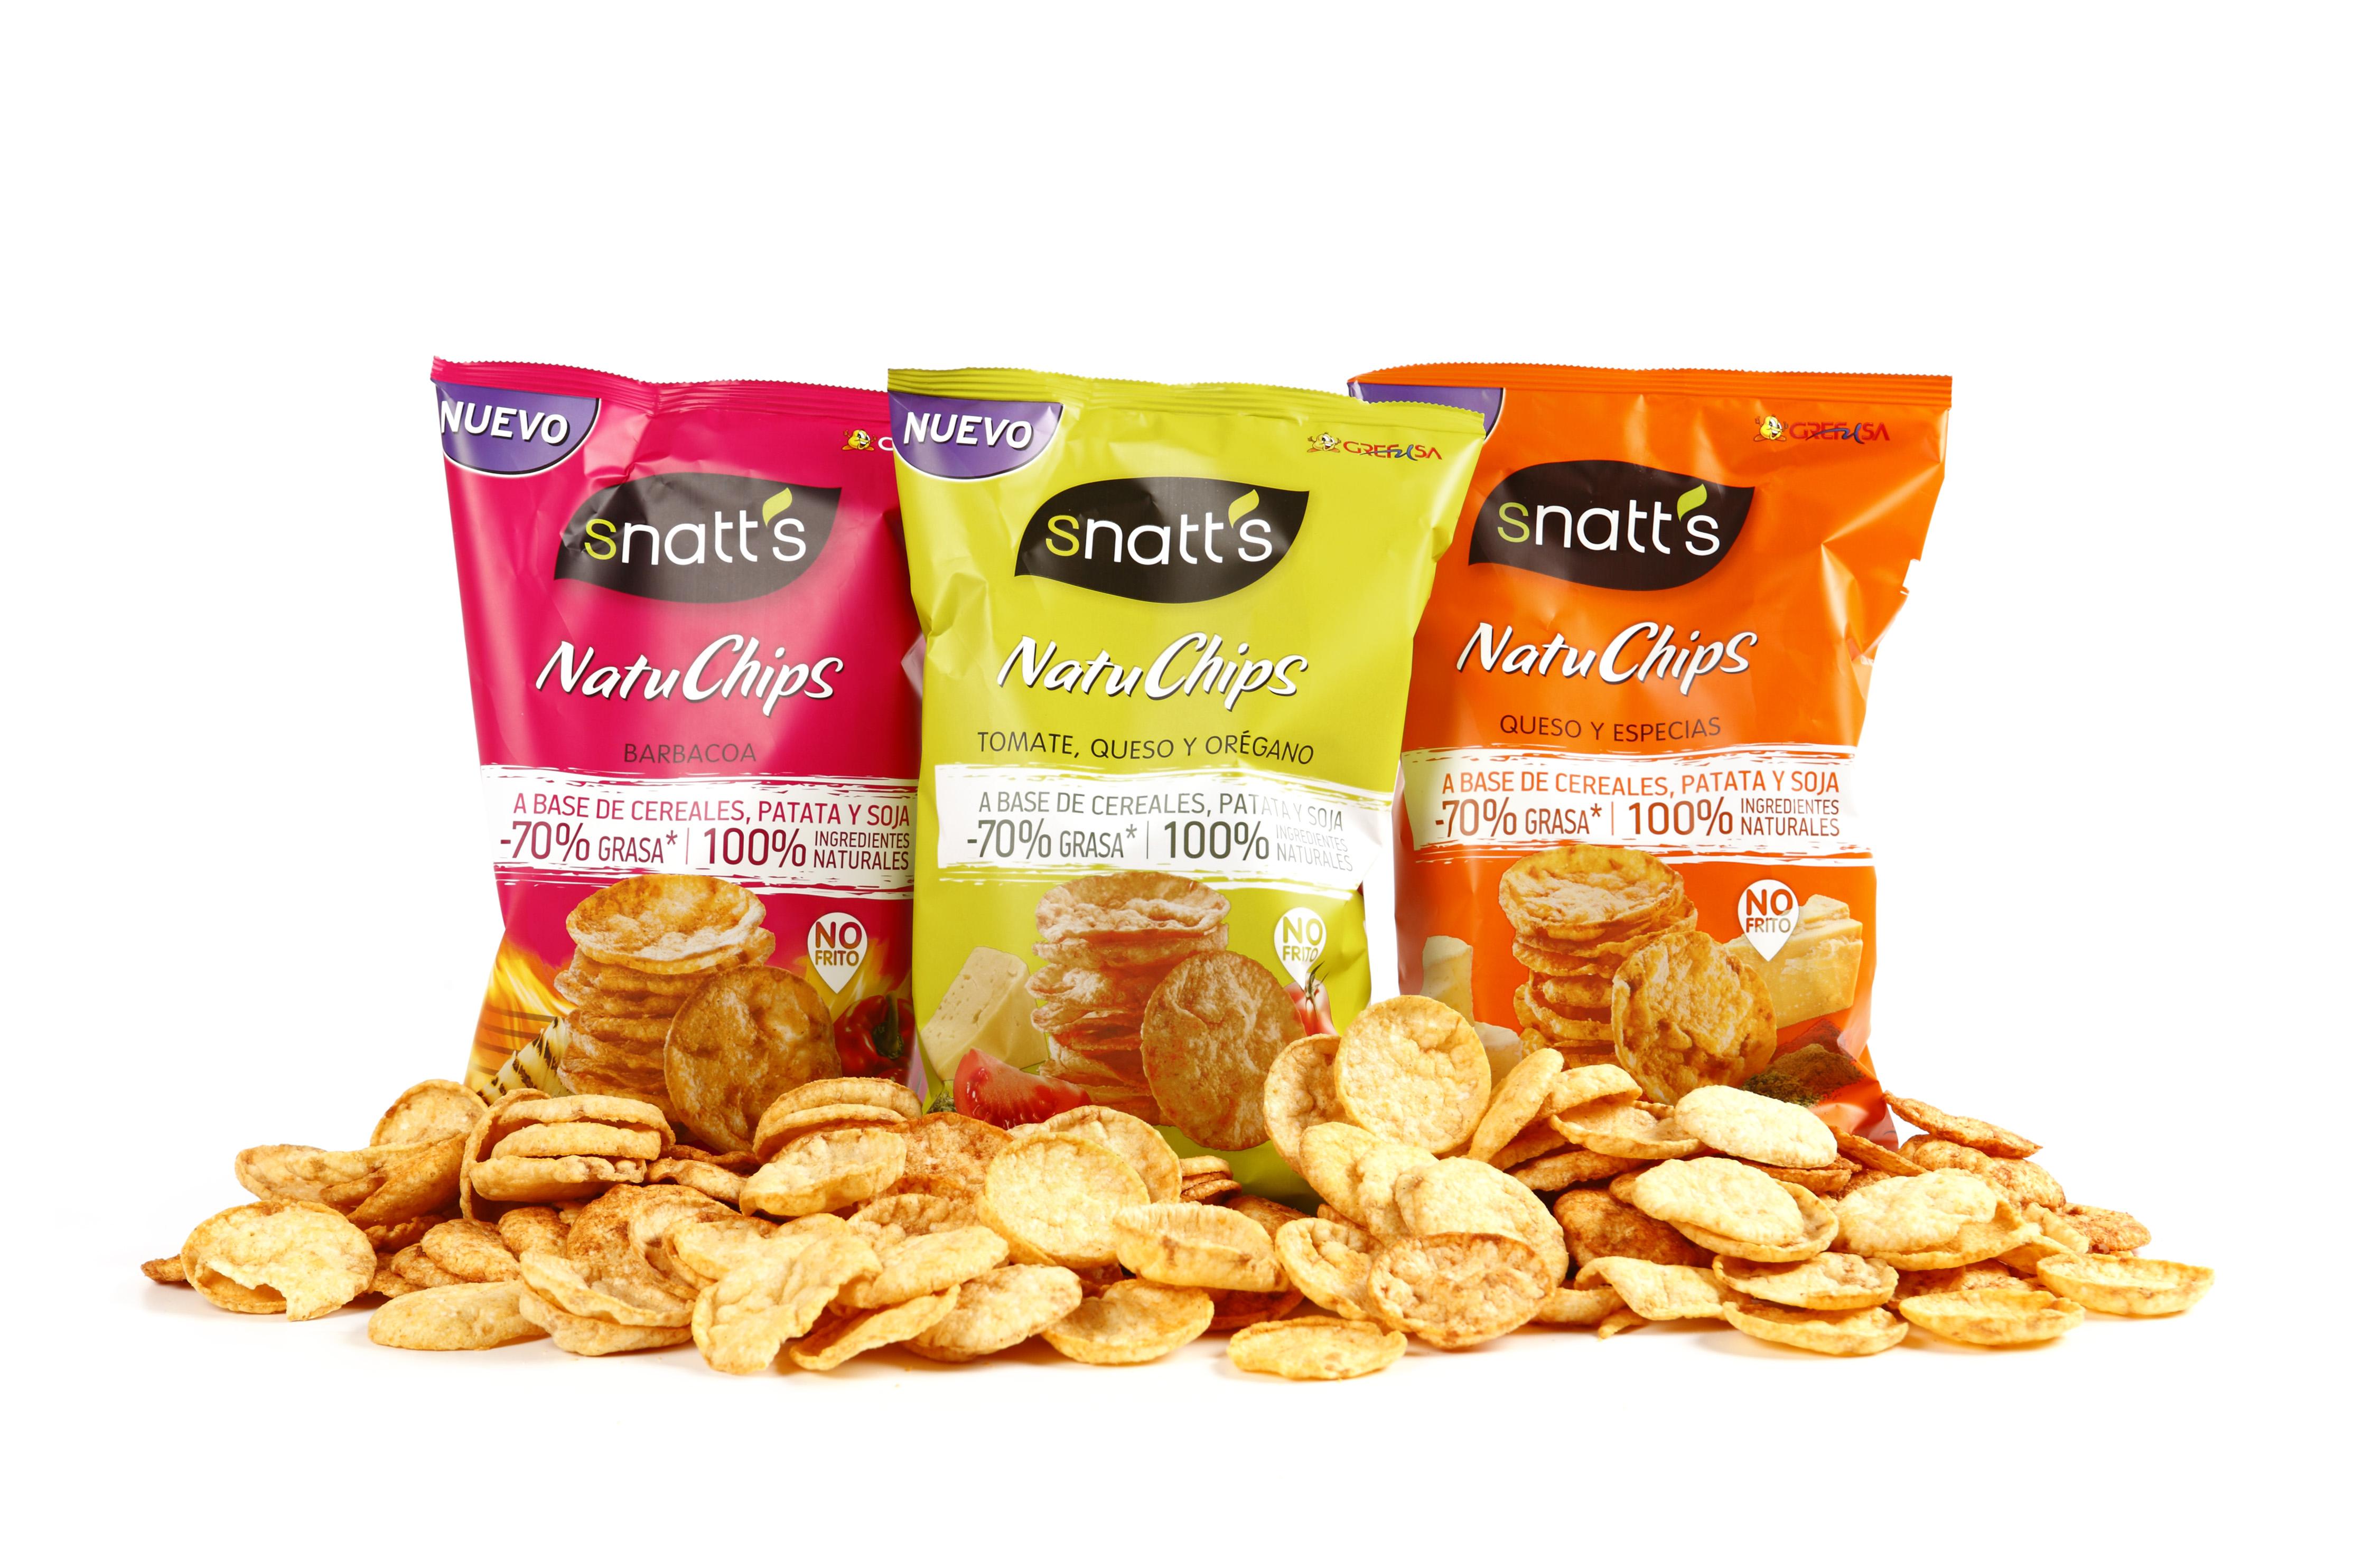 ¡Un snack para cuidar la dieta! Natuchips